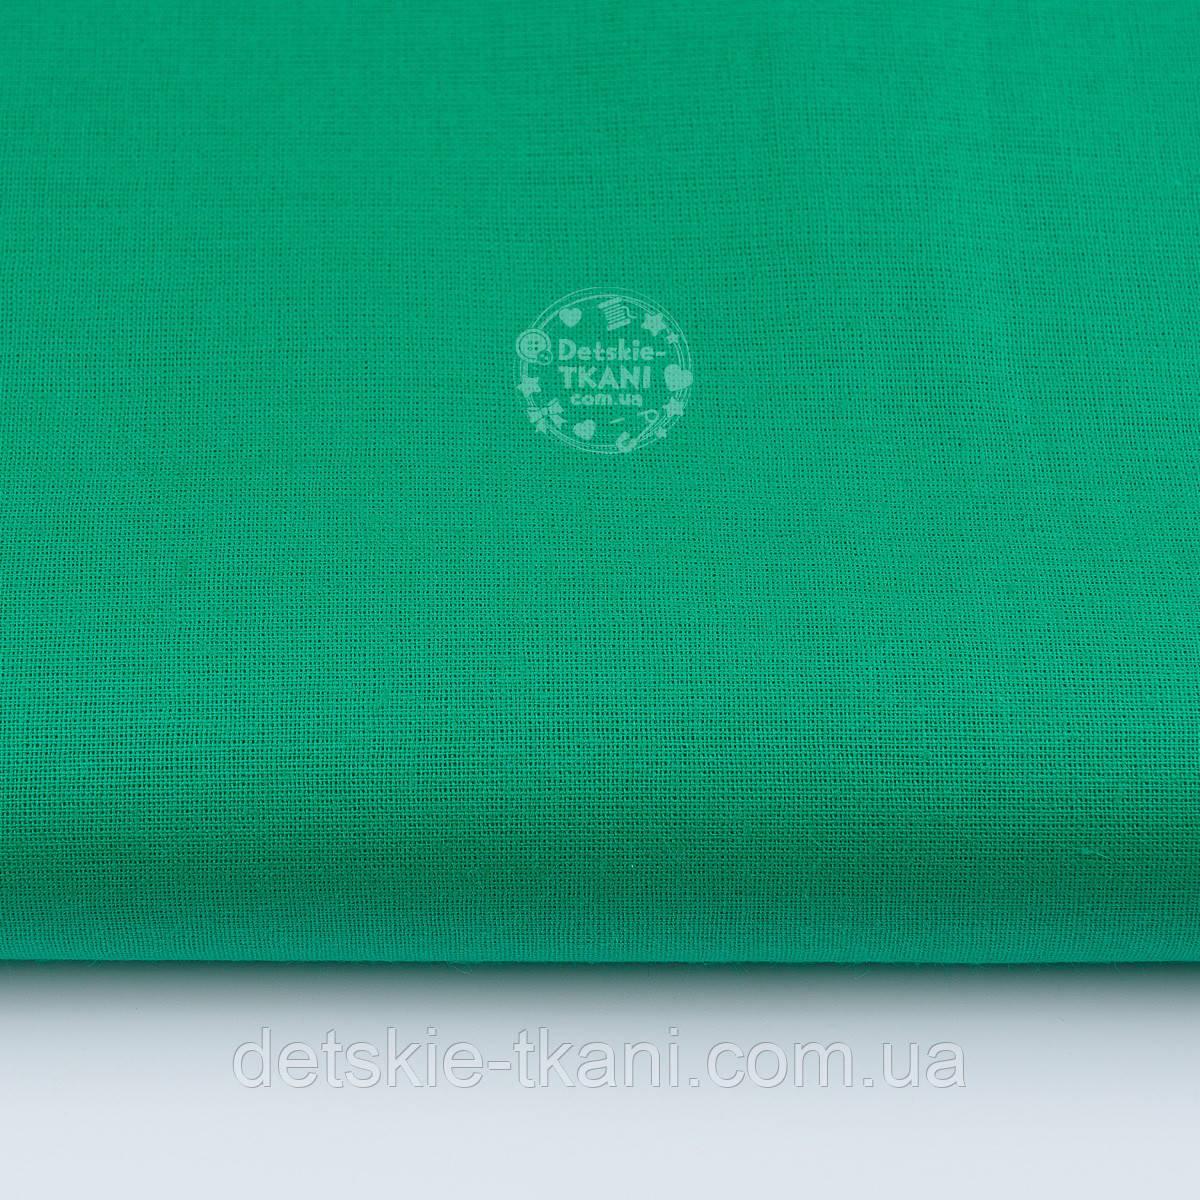 Однотонная польская бязь тёмно-зелёного цвета шириной 160 см (№461).